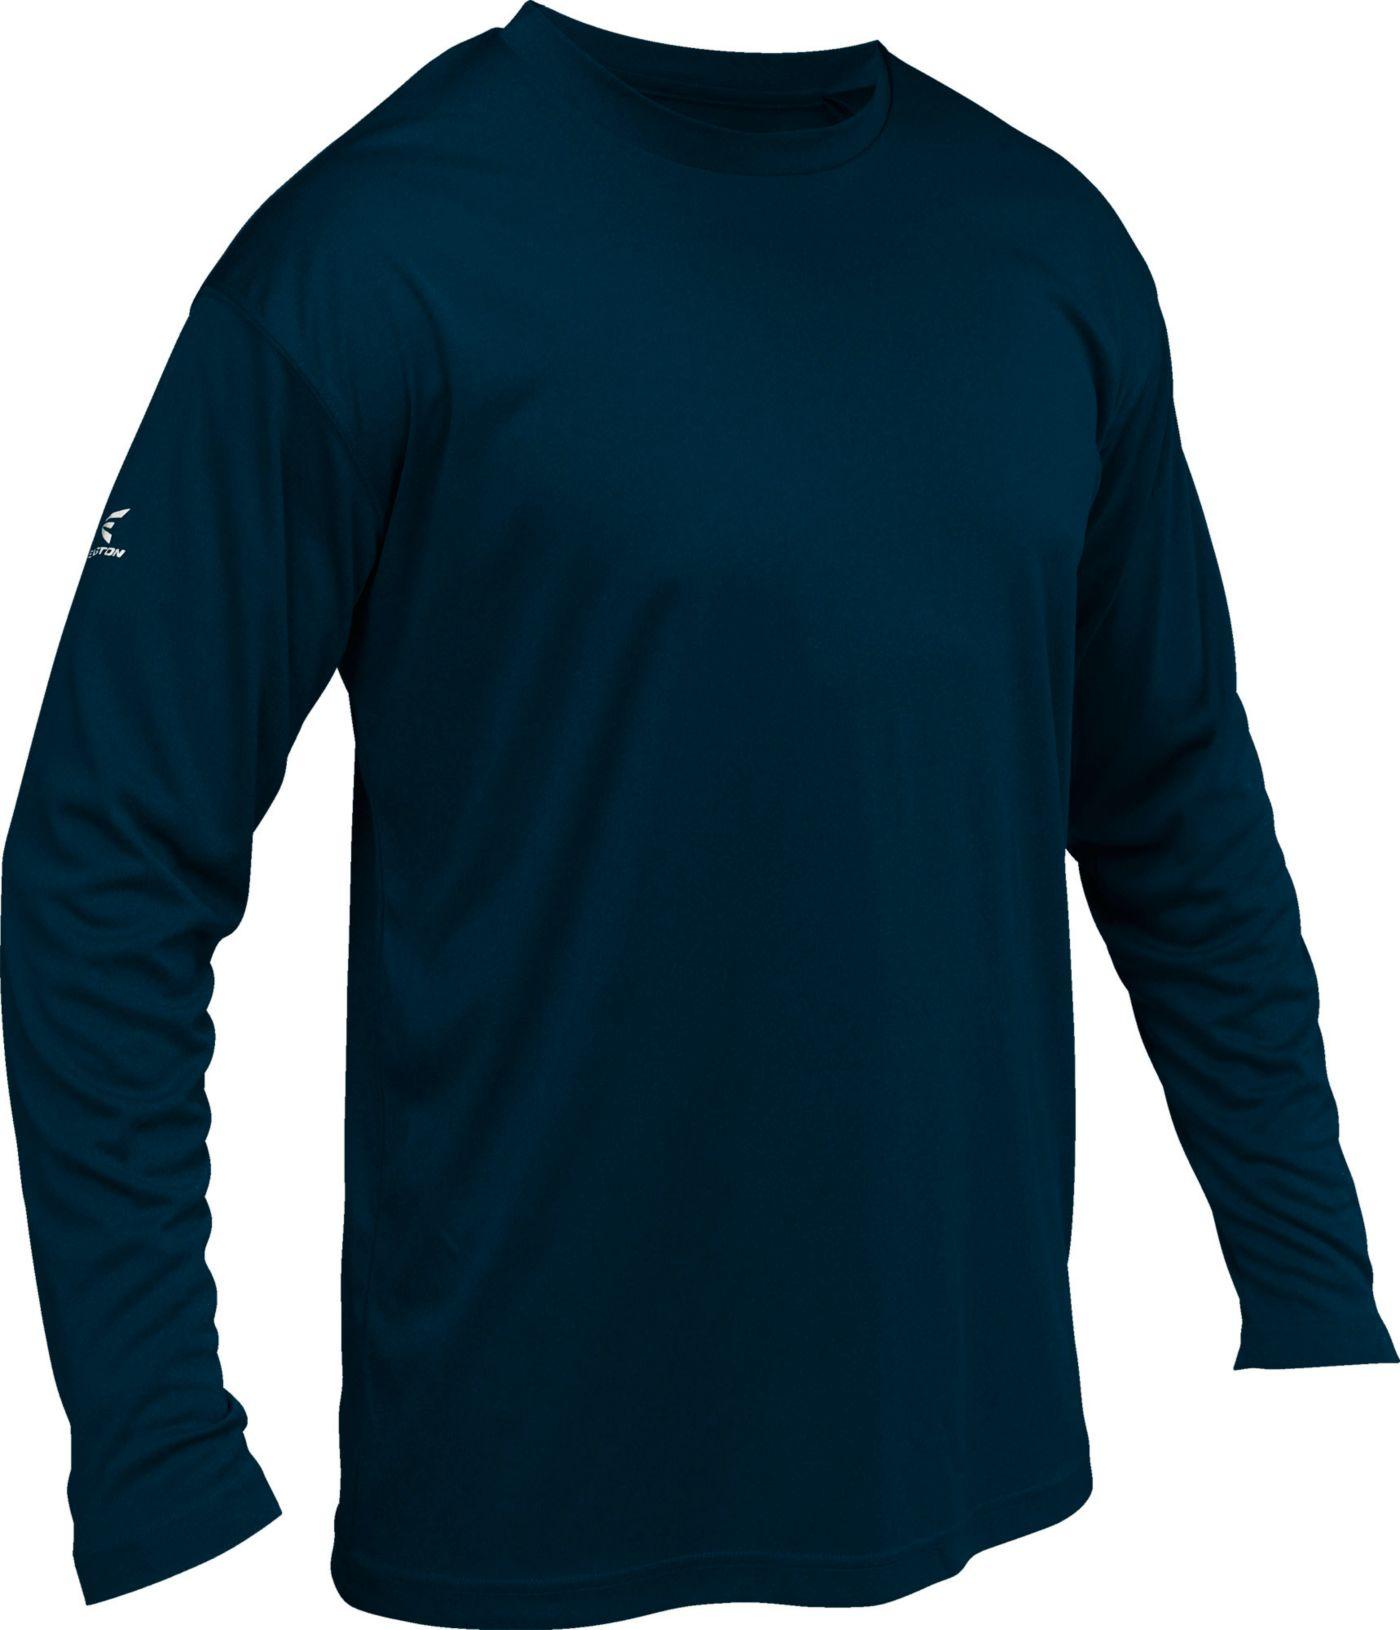 Easton Men's Spirit Long Sleeve Baseball Jersey